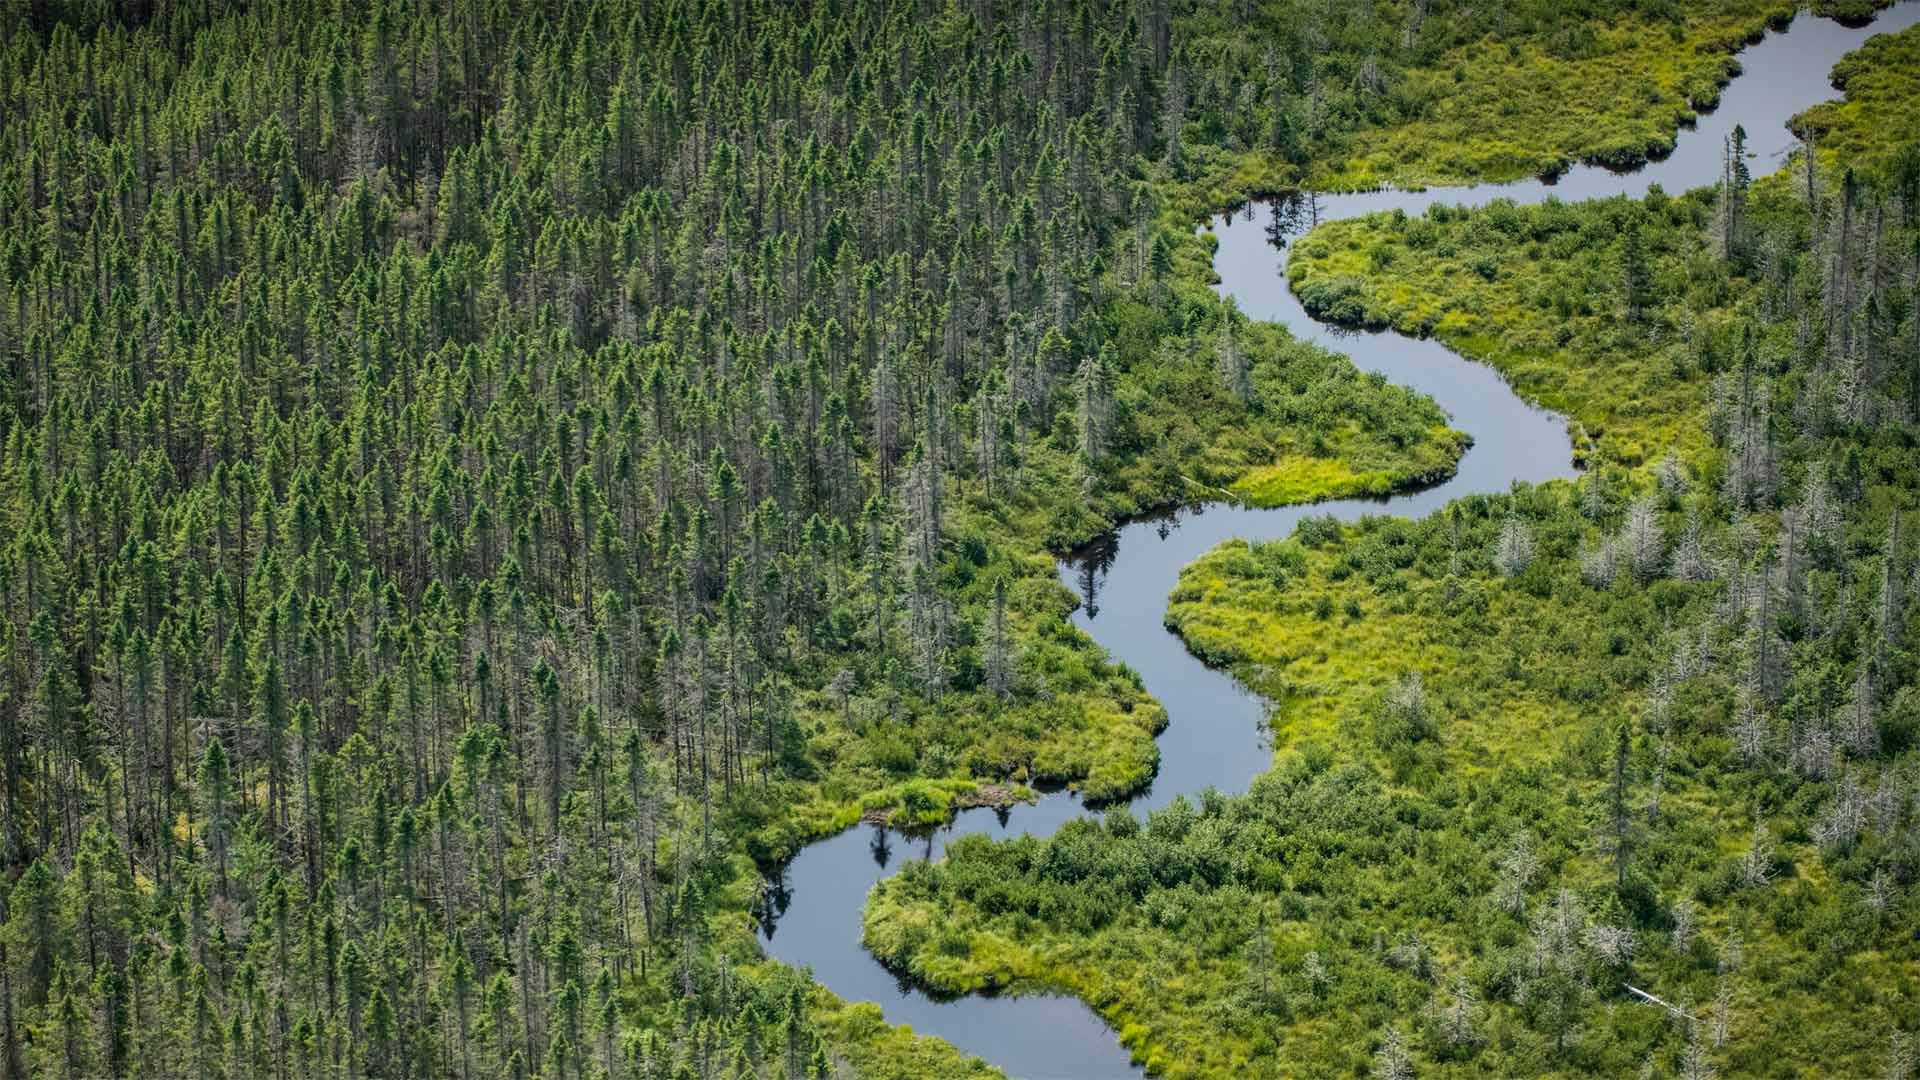 La rivière de Norcross Brook et des zones humides près du lac de Moosehead dans le comté de Piscataquis, Maine, États-Unis (© Aaron Black-Schmidt/Tandem Stills + Motion)(Bing France)